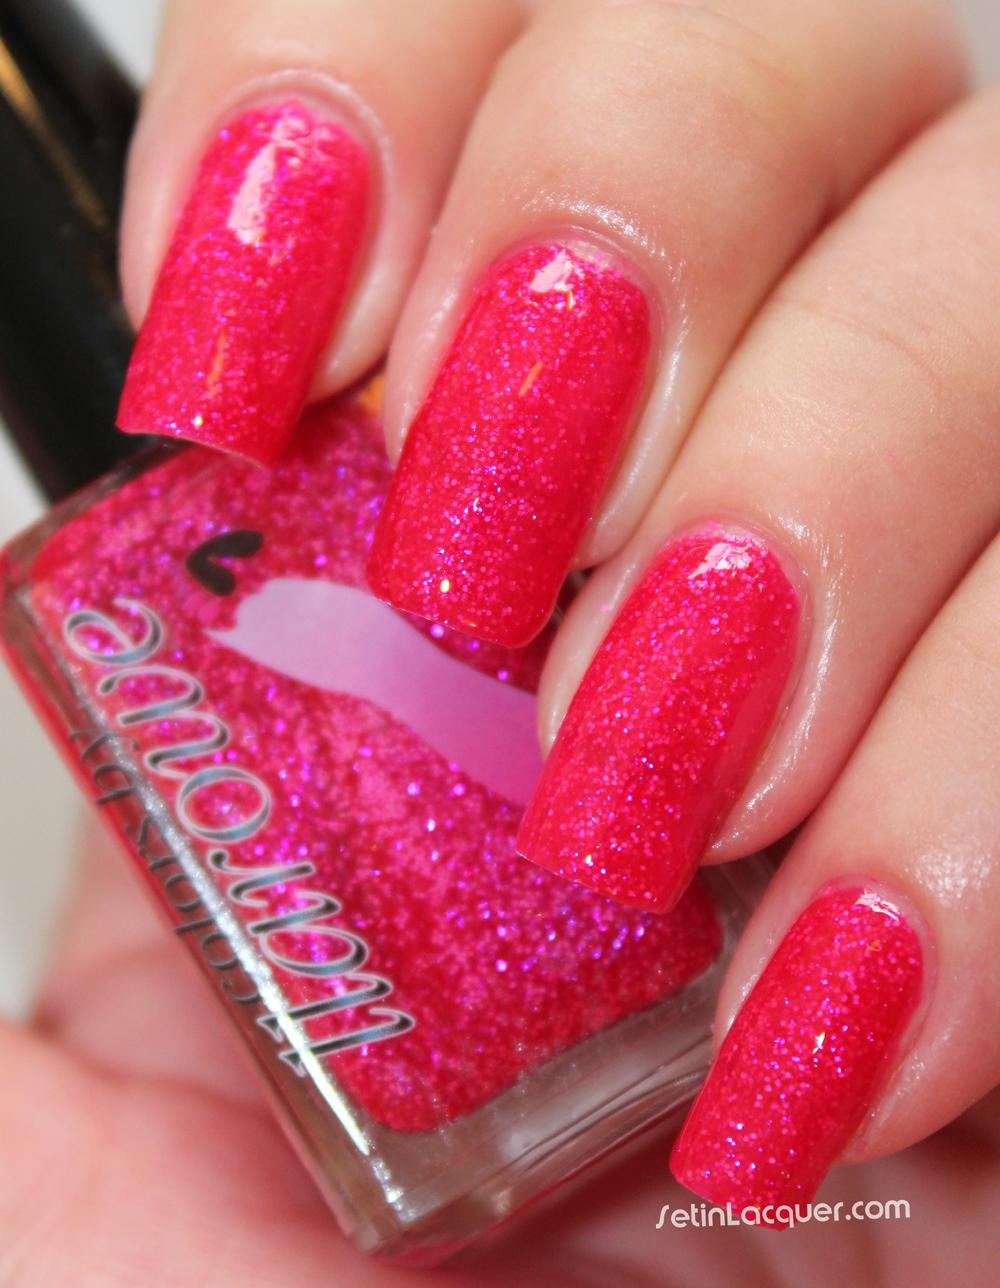 Colors by llarowe - Mustang Sally